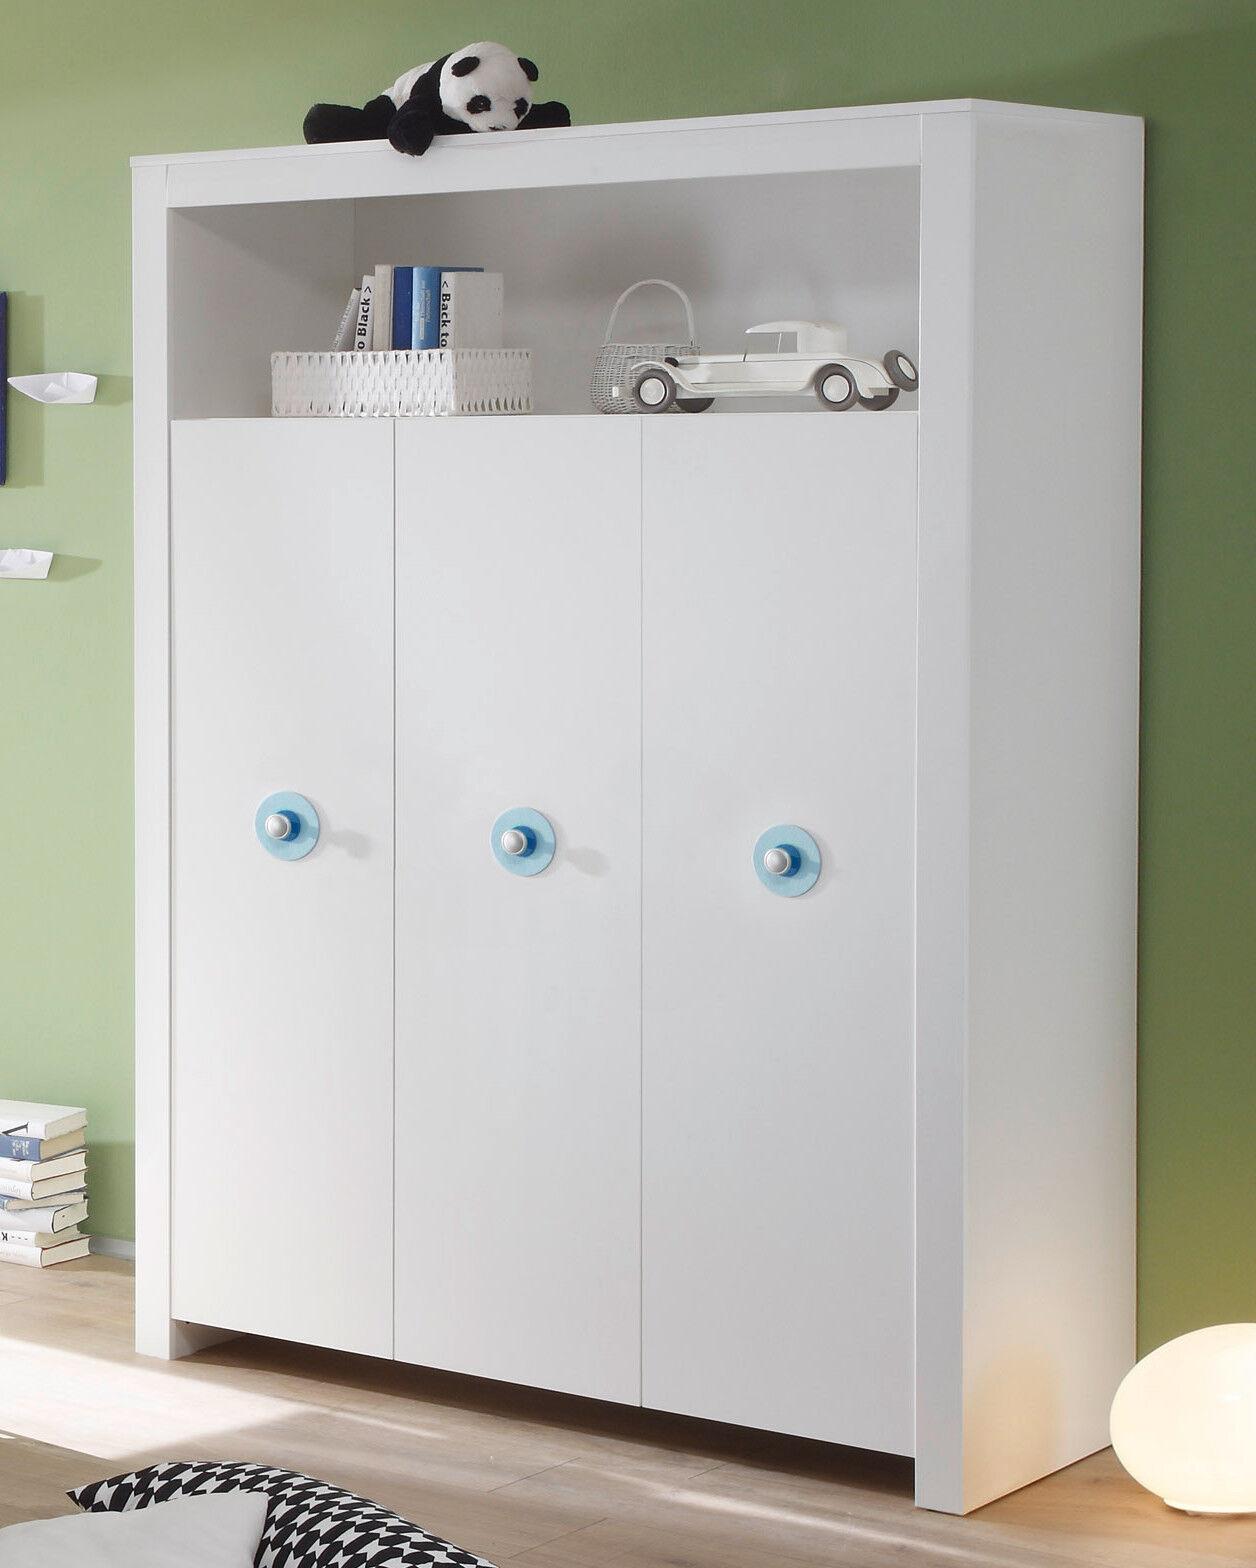 Baby Schrank Kleiderschrank weiß 3 Türen blau Kinderzimmer Möbel GS gepr. Olivia